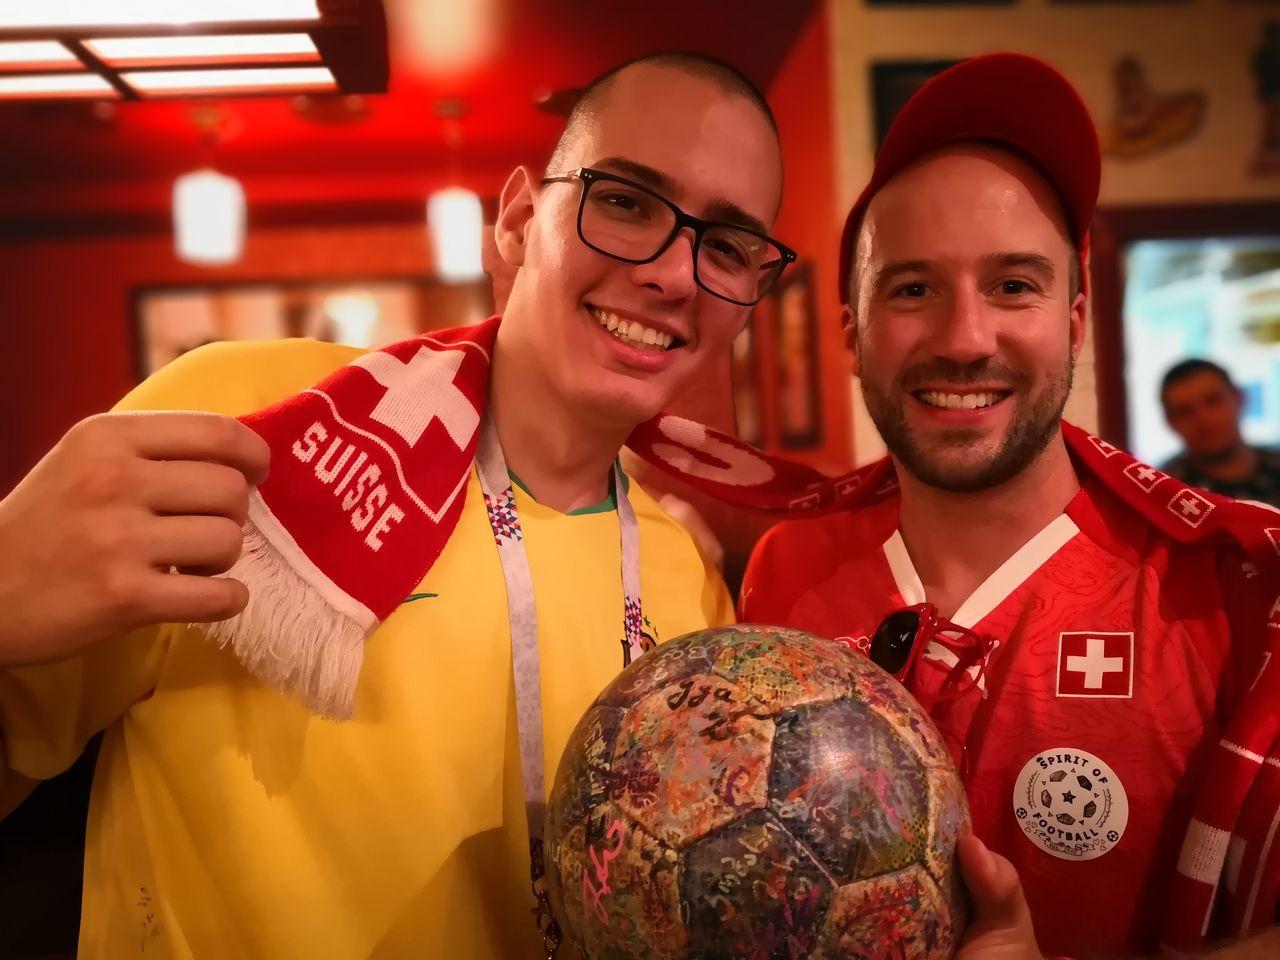 Schweizer und Brasilianische Fans feiern gemeinsam.